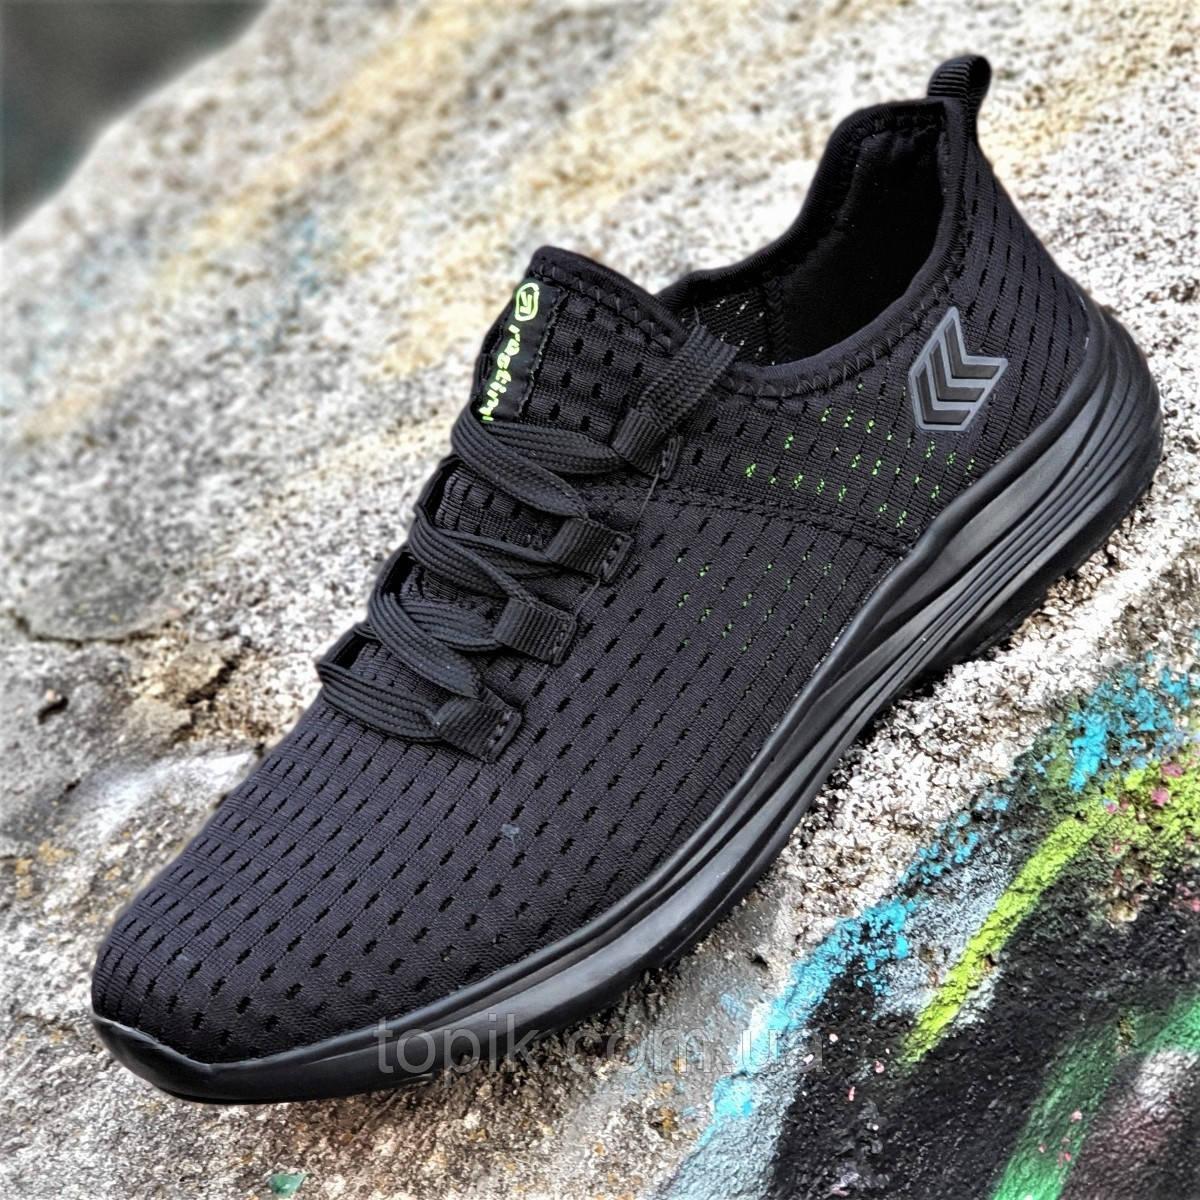 Мужские кроссовки сетка черные мягкие и удобные на весну лето легкая подошва из пенки (Код: 1340)